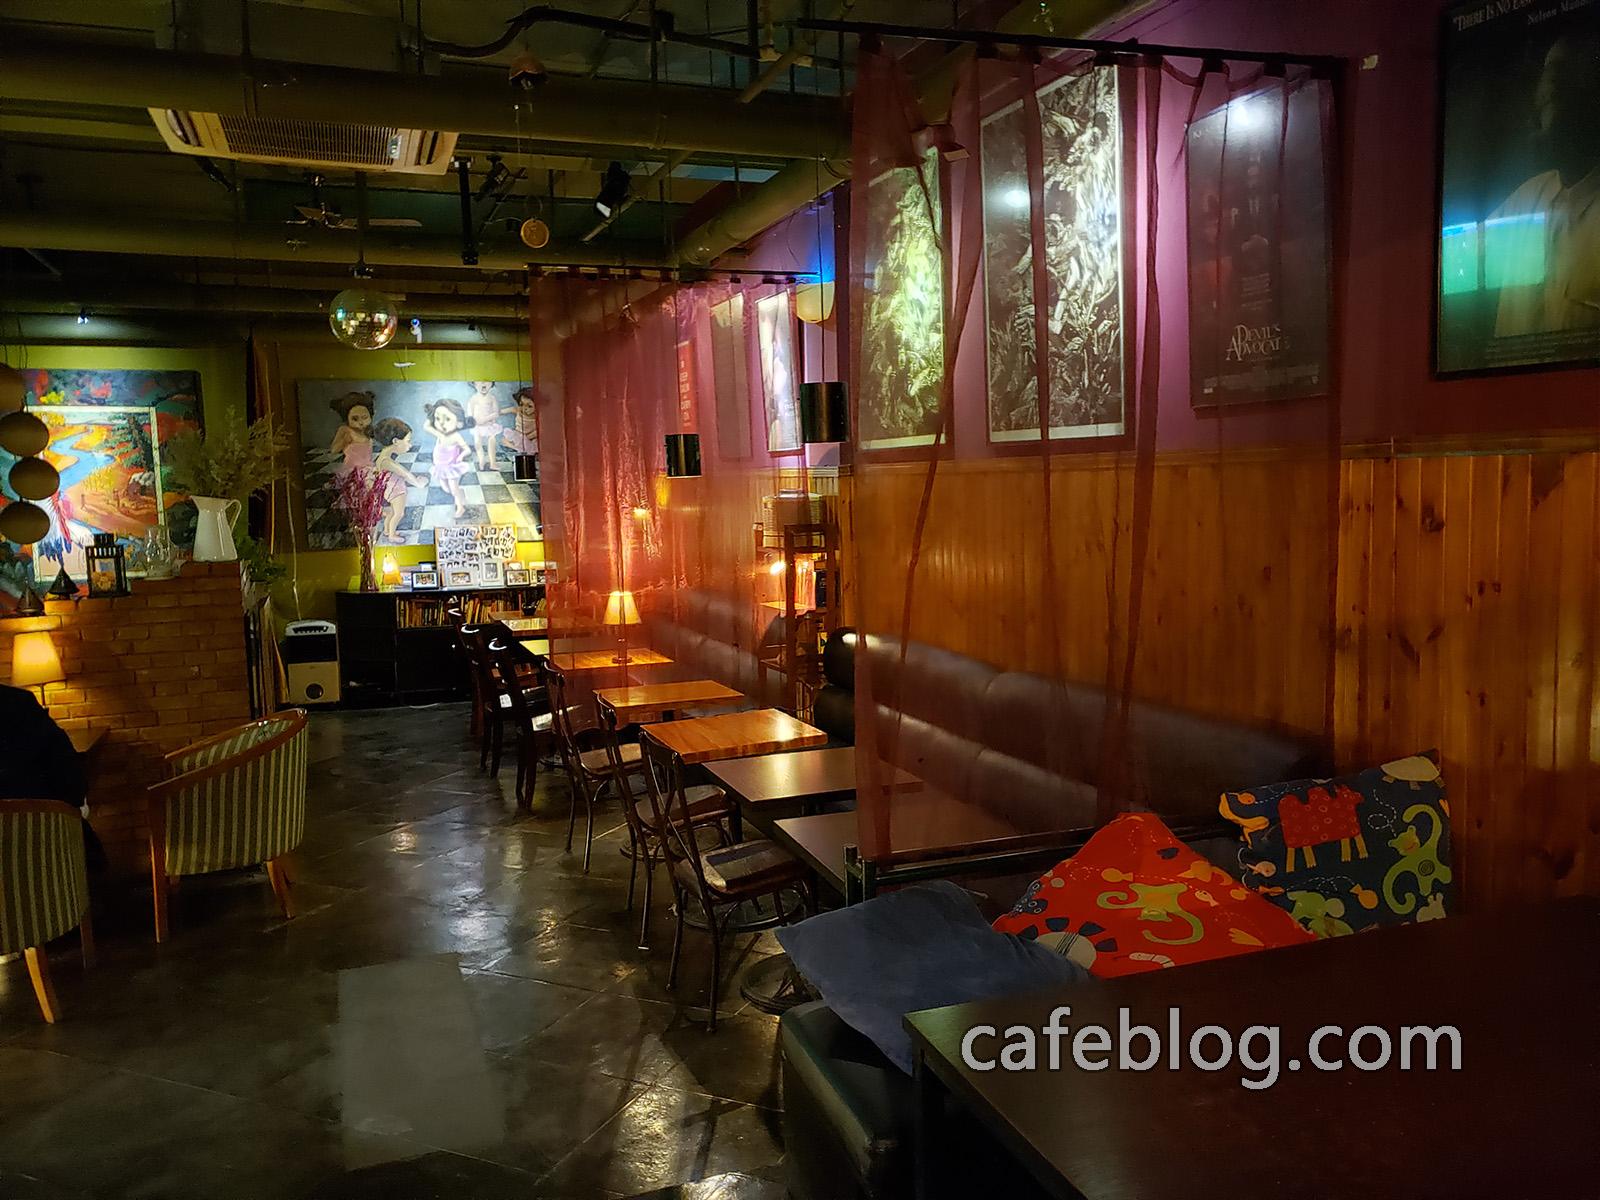 玛雅咖啡馆 Maya Cafe 二楼的桌子。